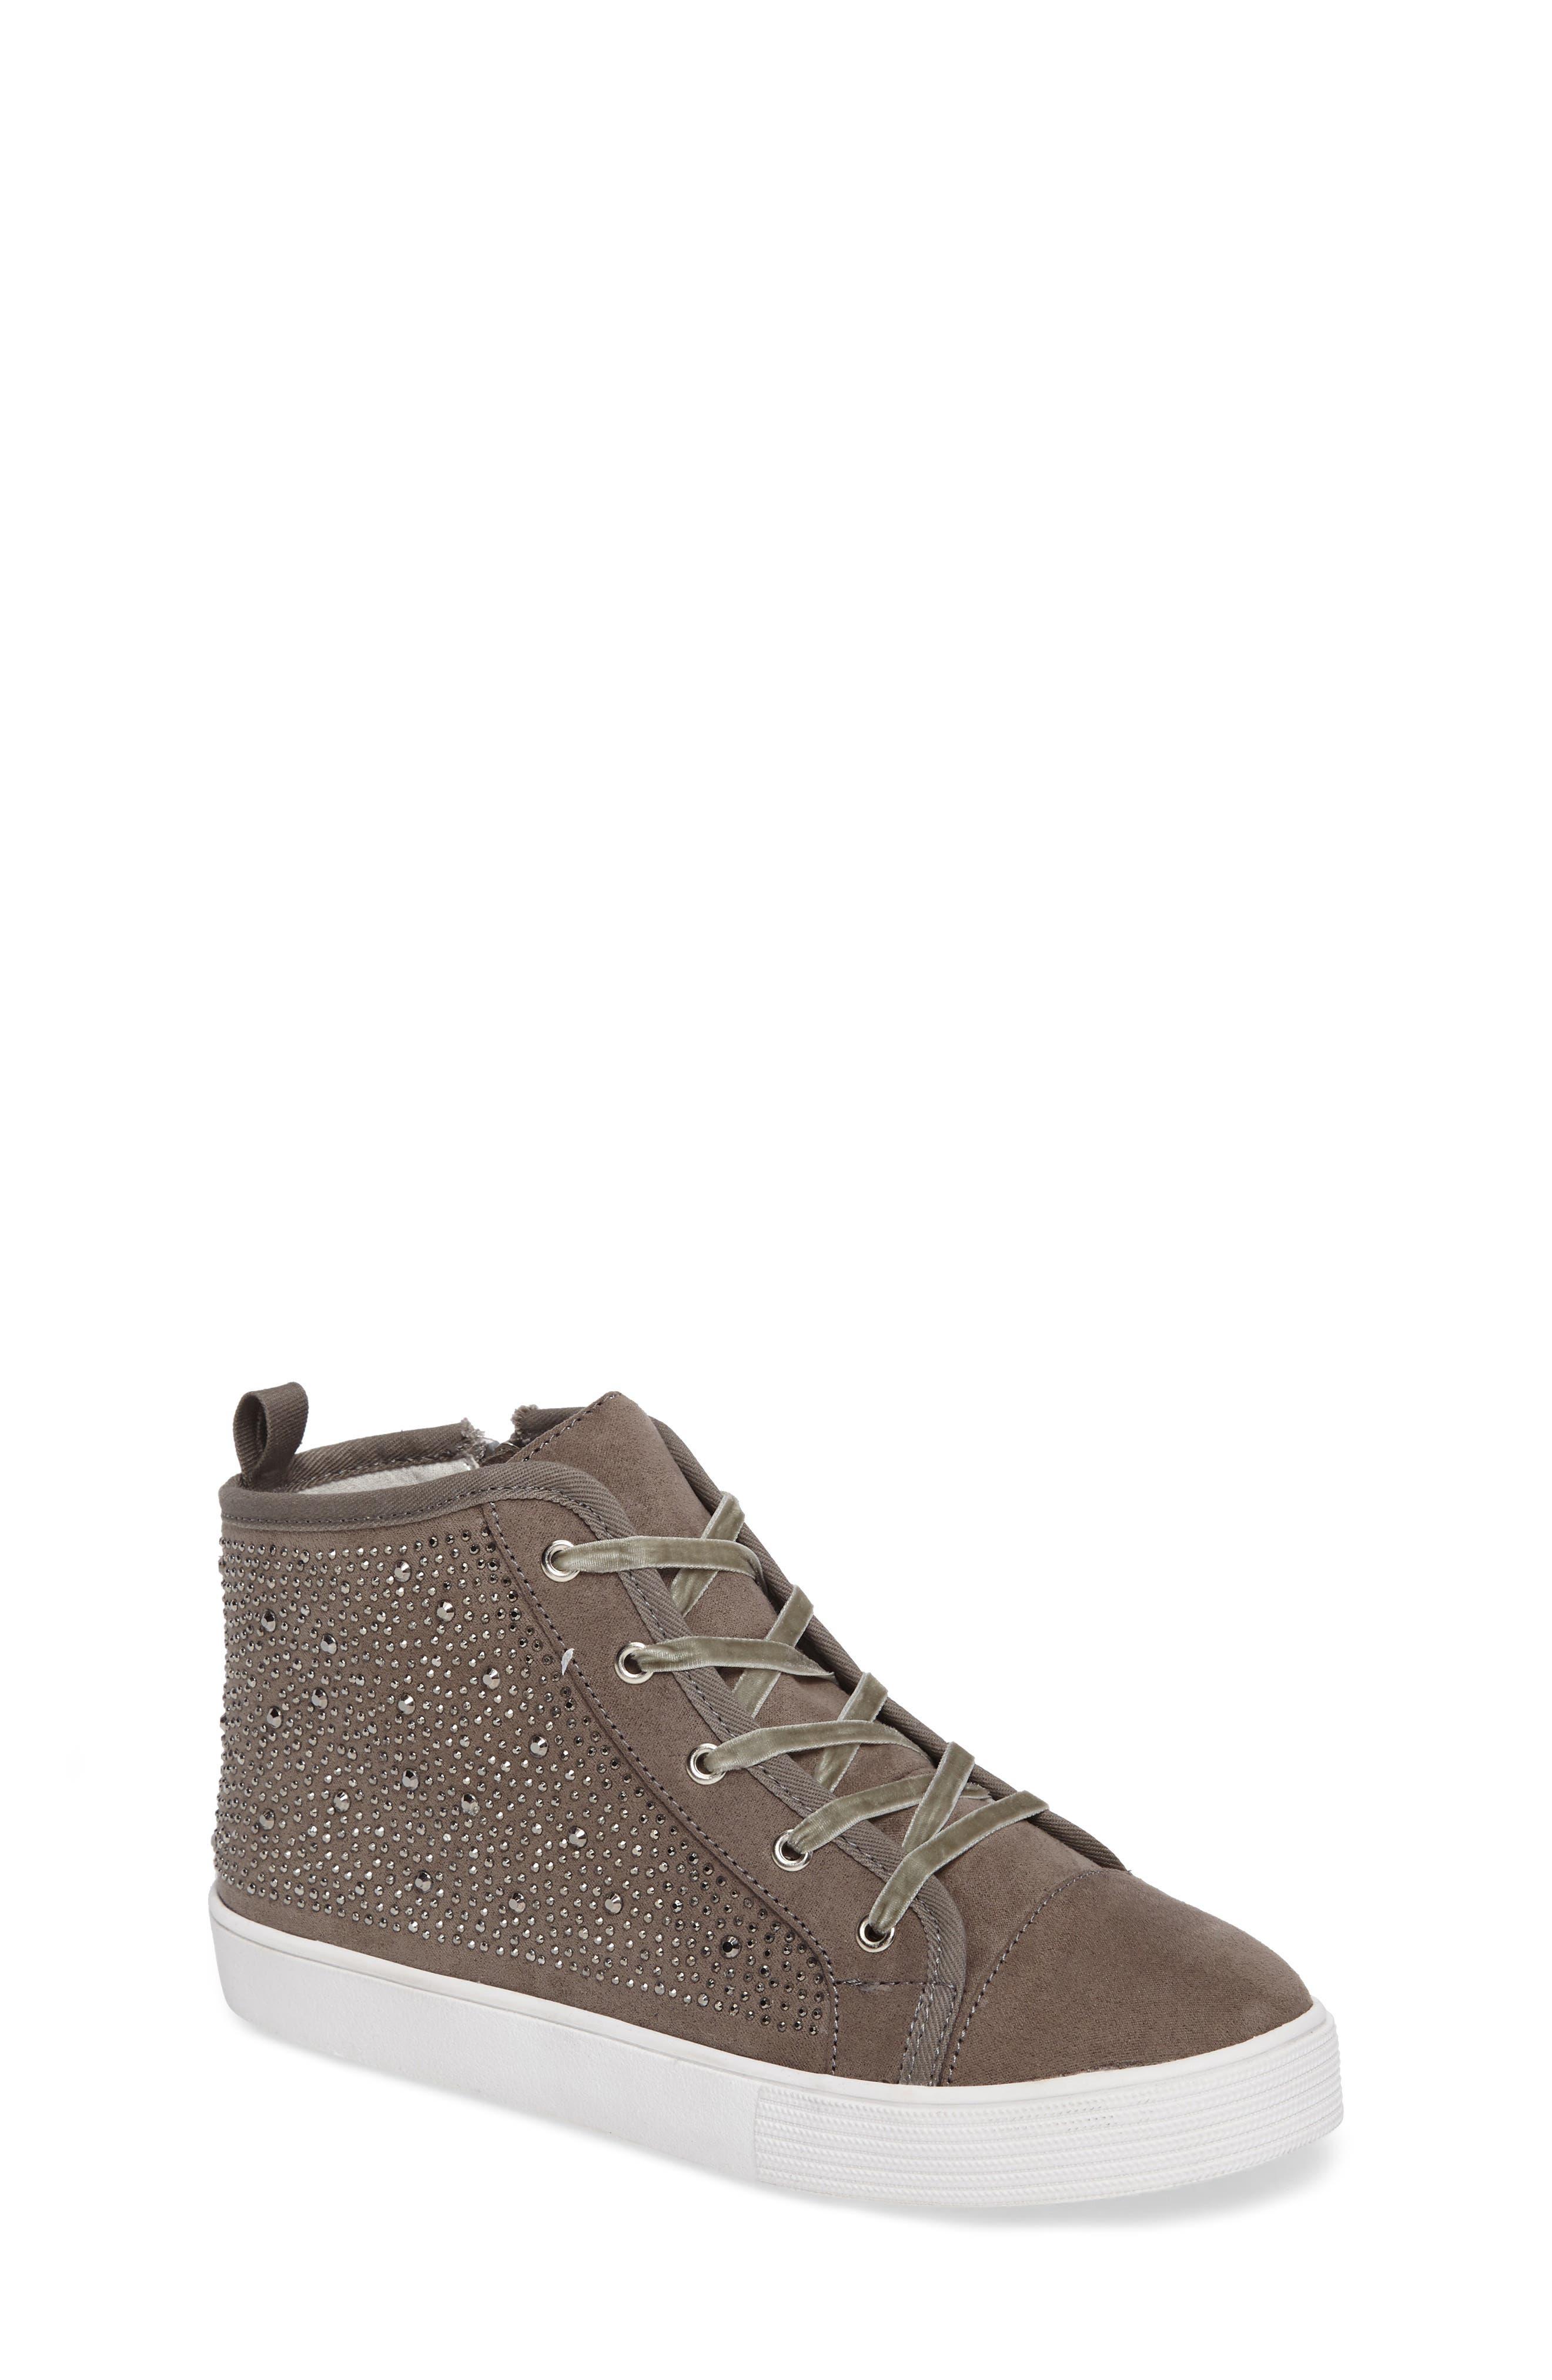 Vance Embellished High Top Sneaker,                         Main,                         color, 040